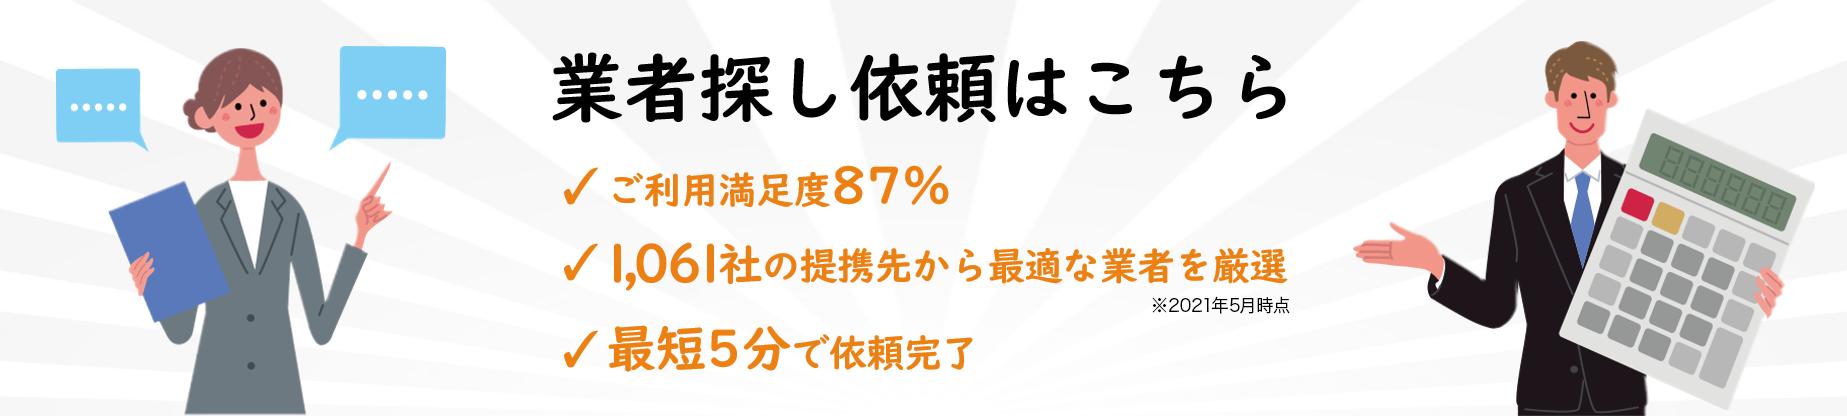 【買取・整理】業者探し依頼フォーム